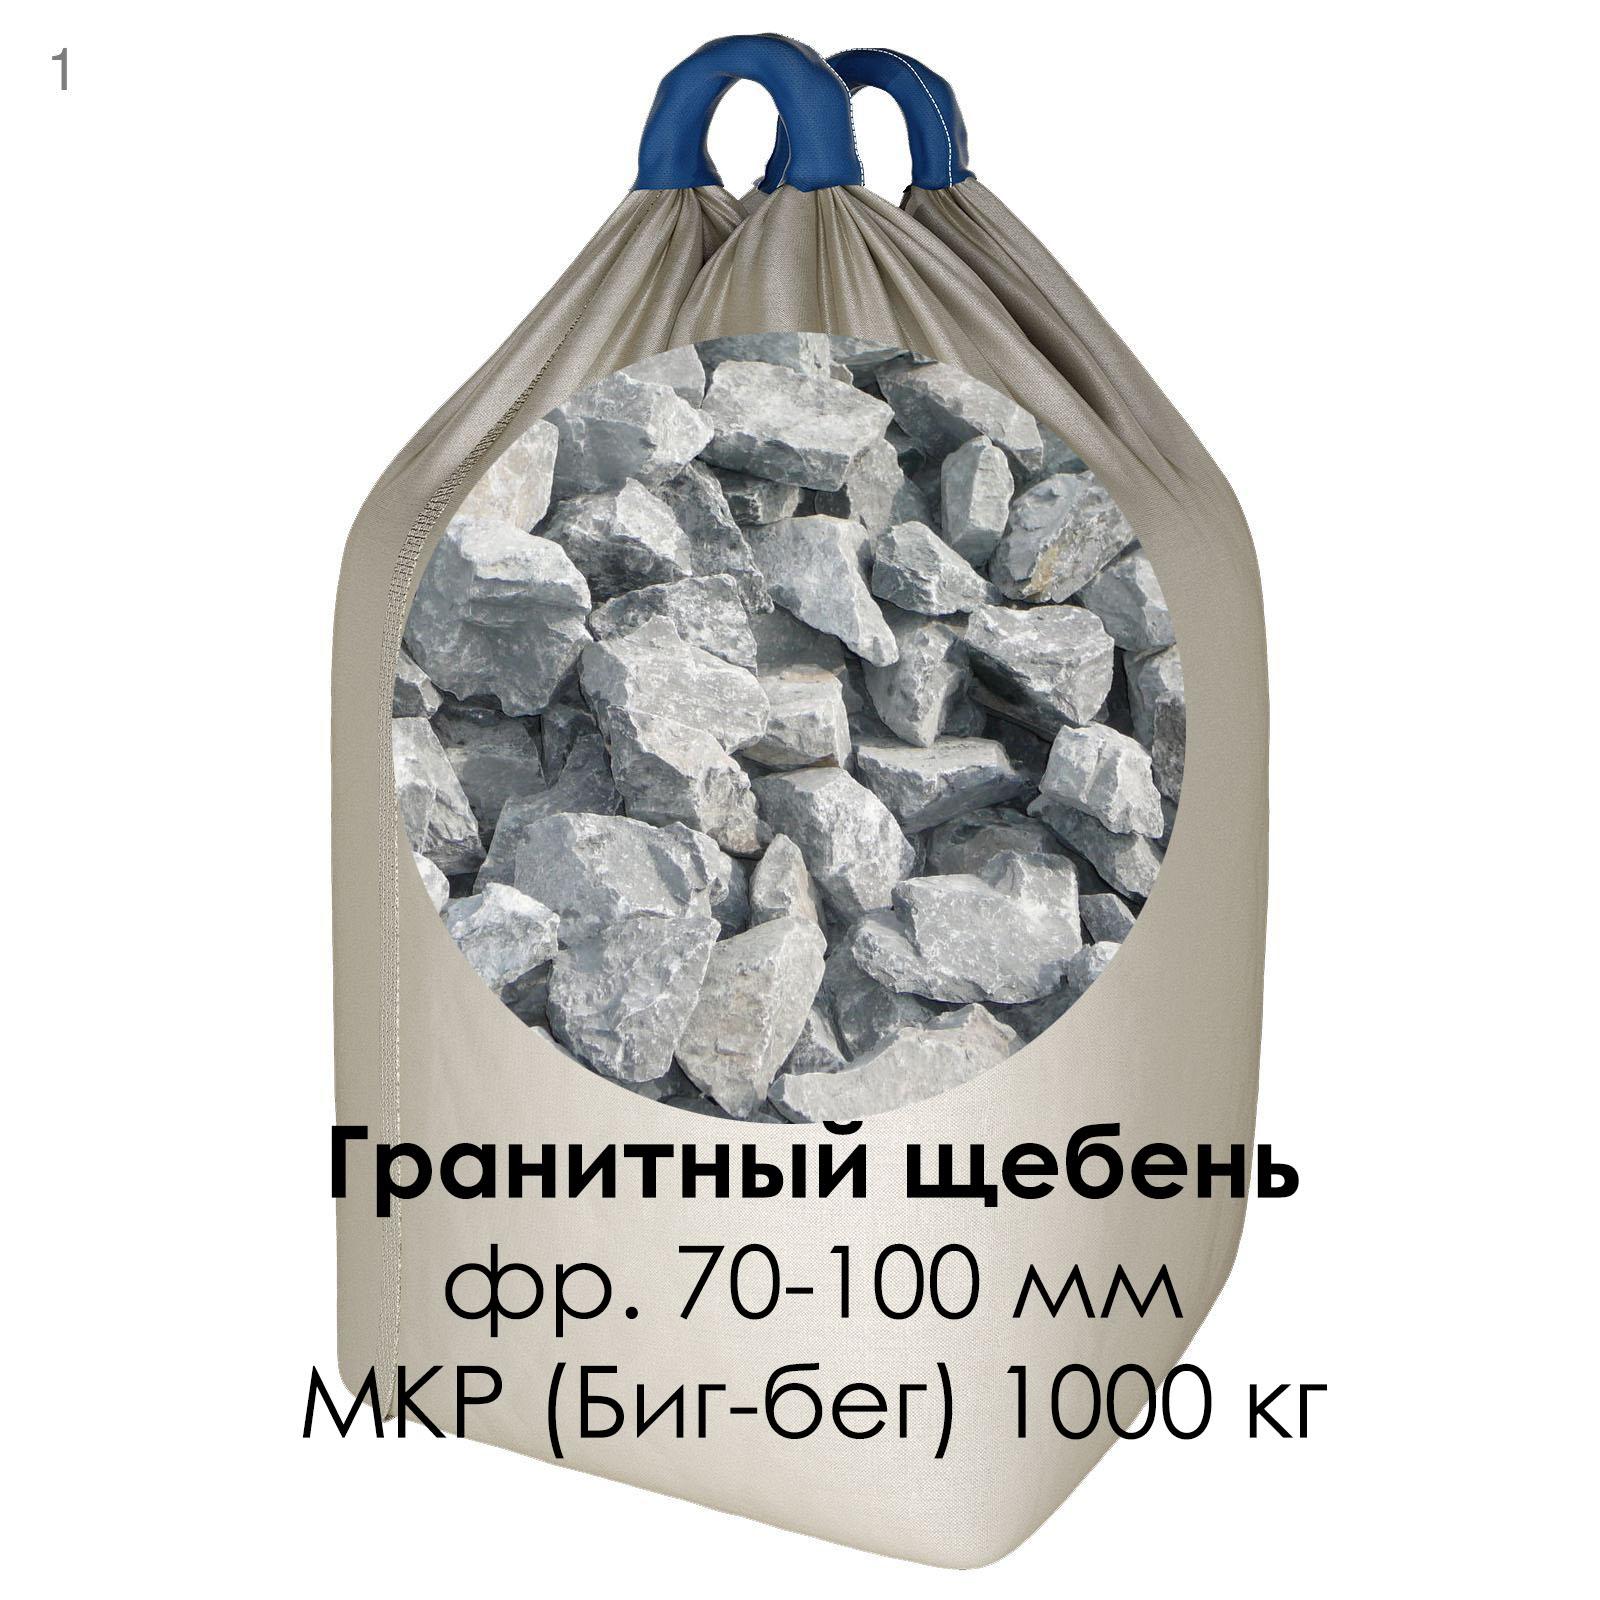 Бутовый гранитный 70-150 в МКР (Биг-бег)